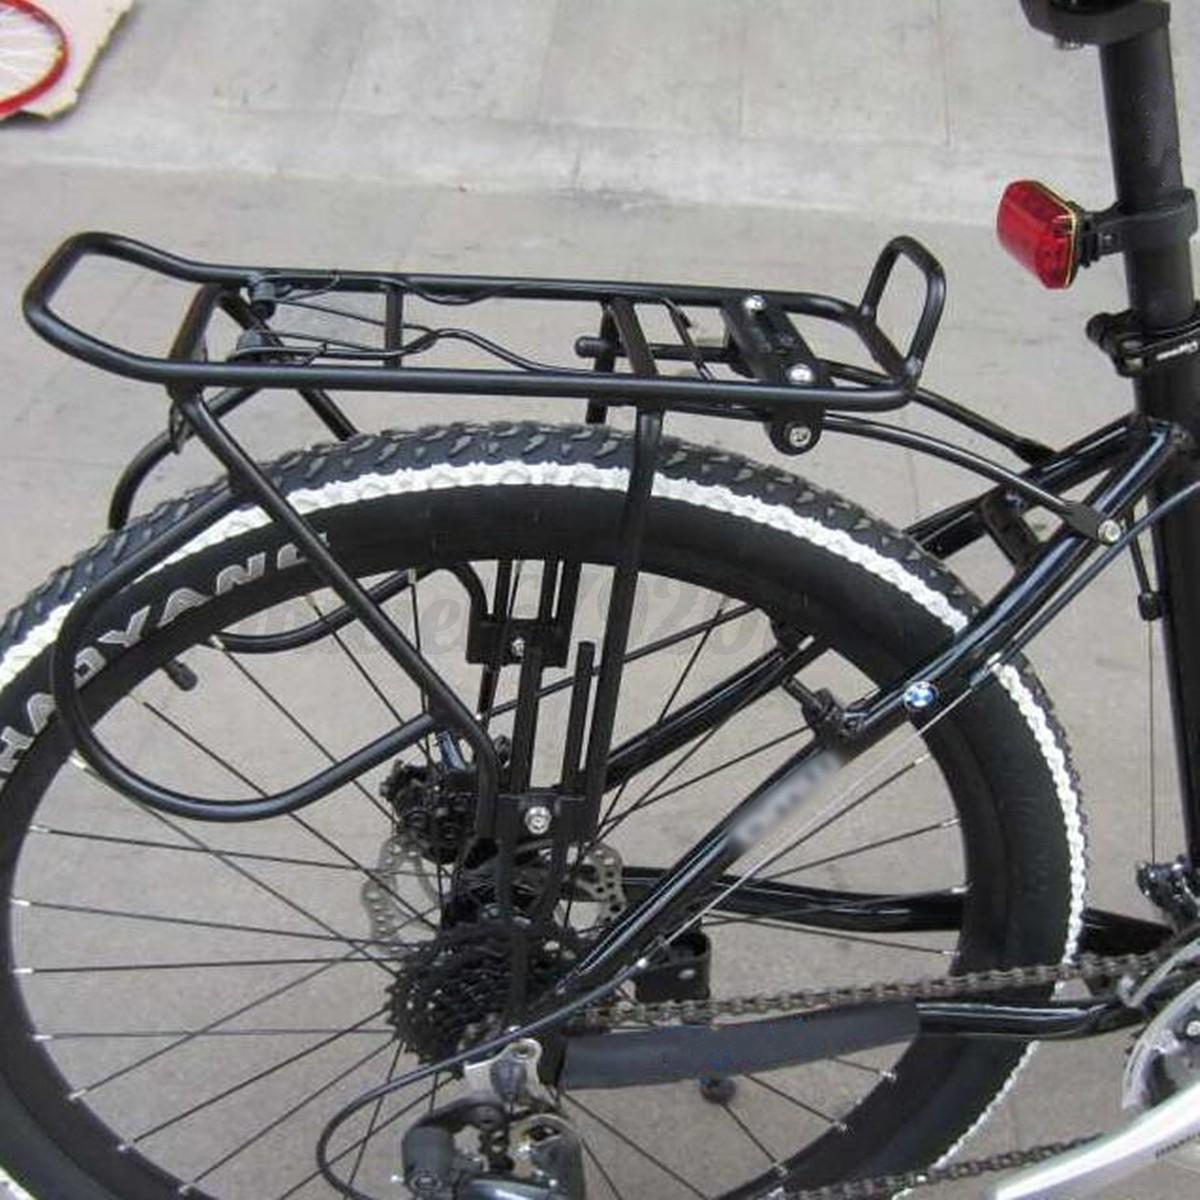 60kg V Disc Brake Bicycle Bike Alloy Rear Rack Carrier